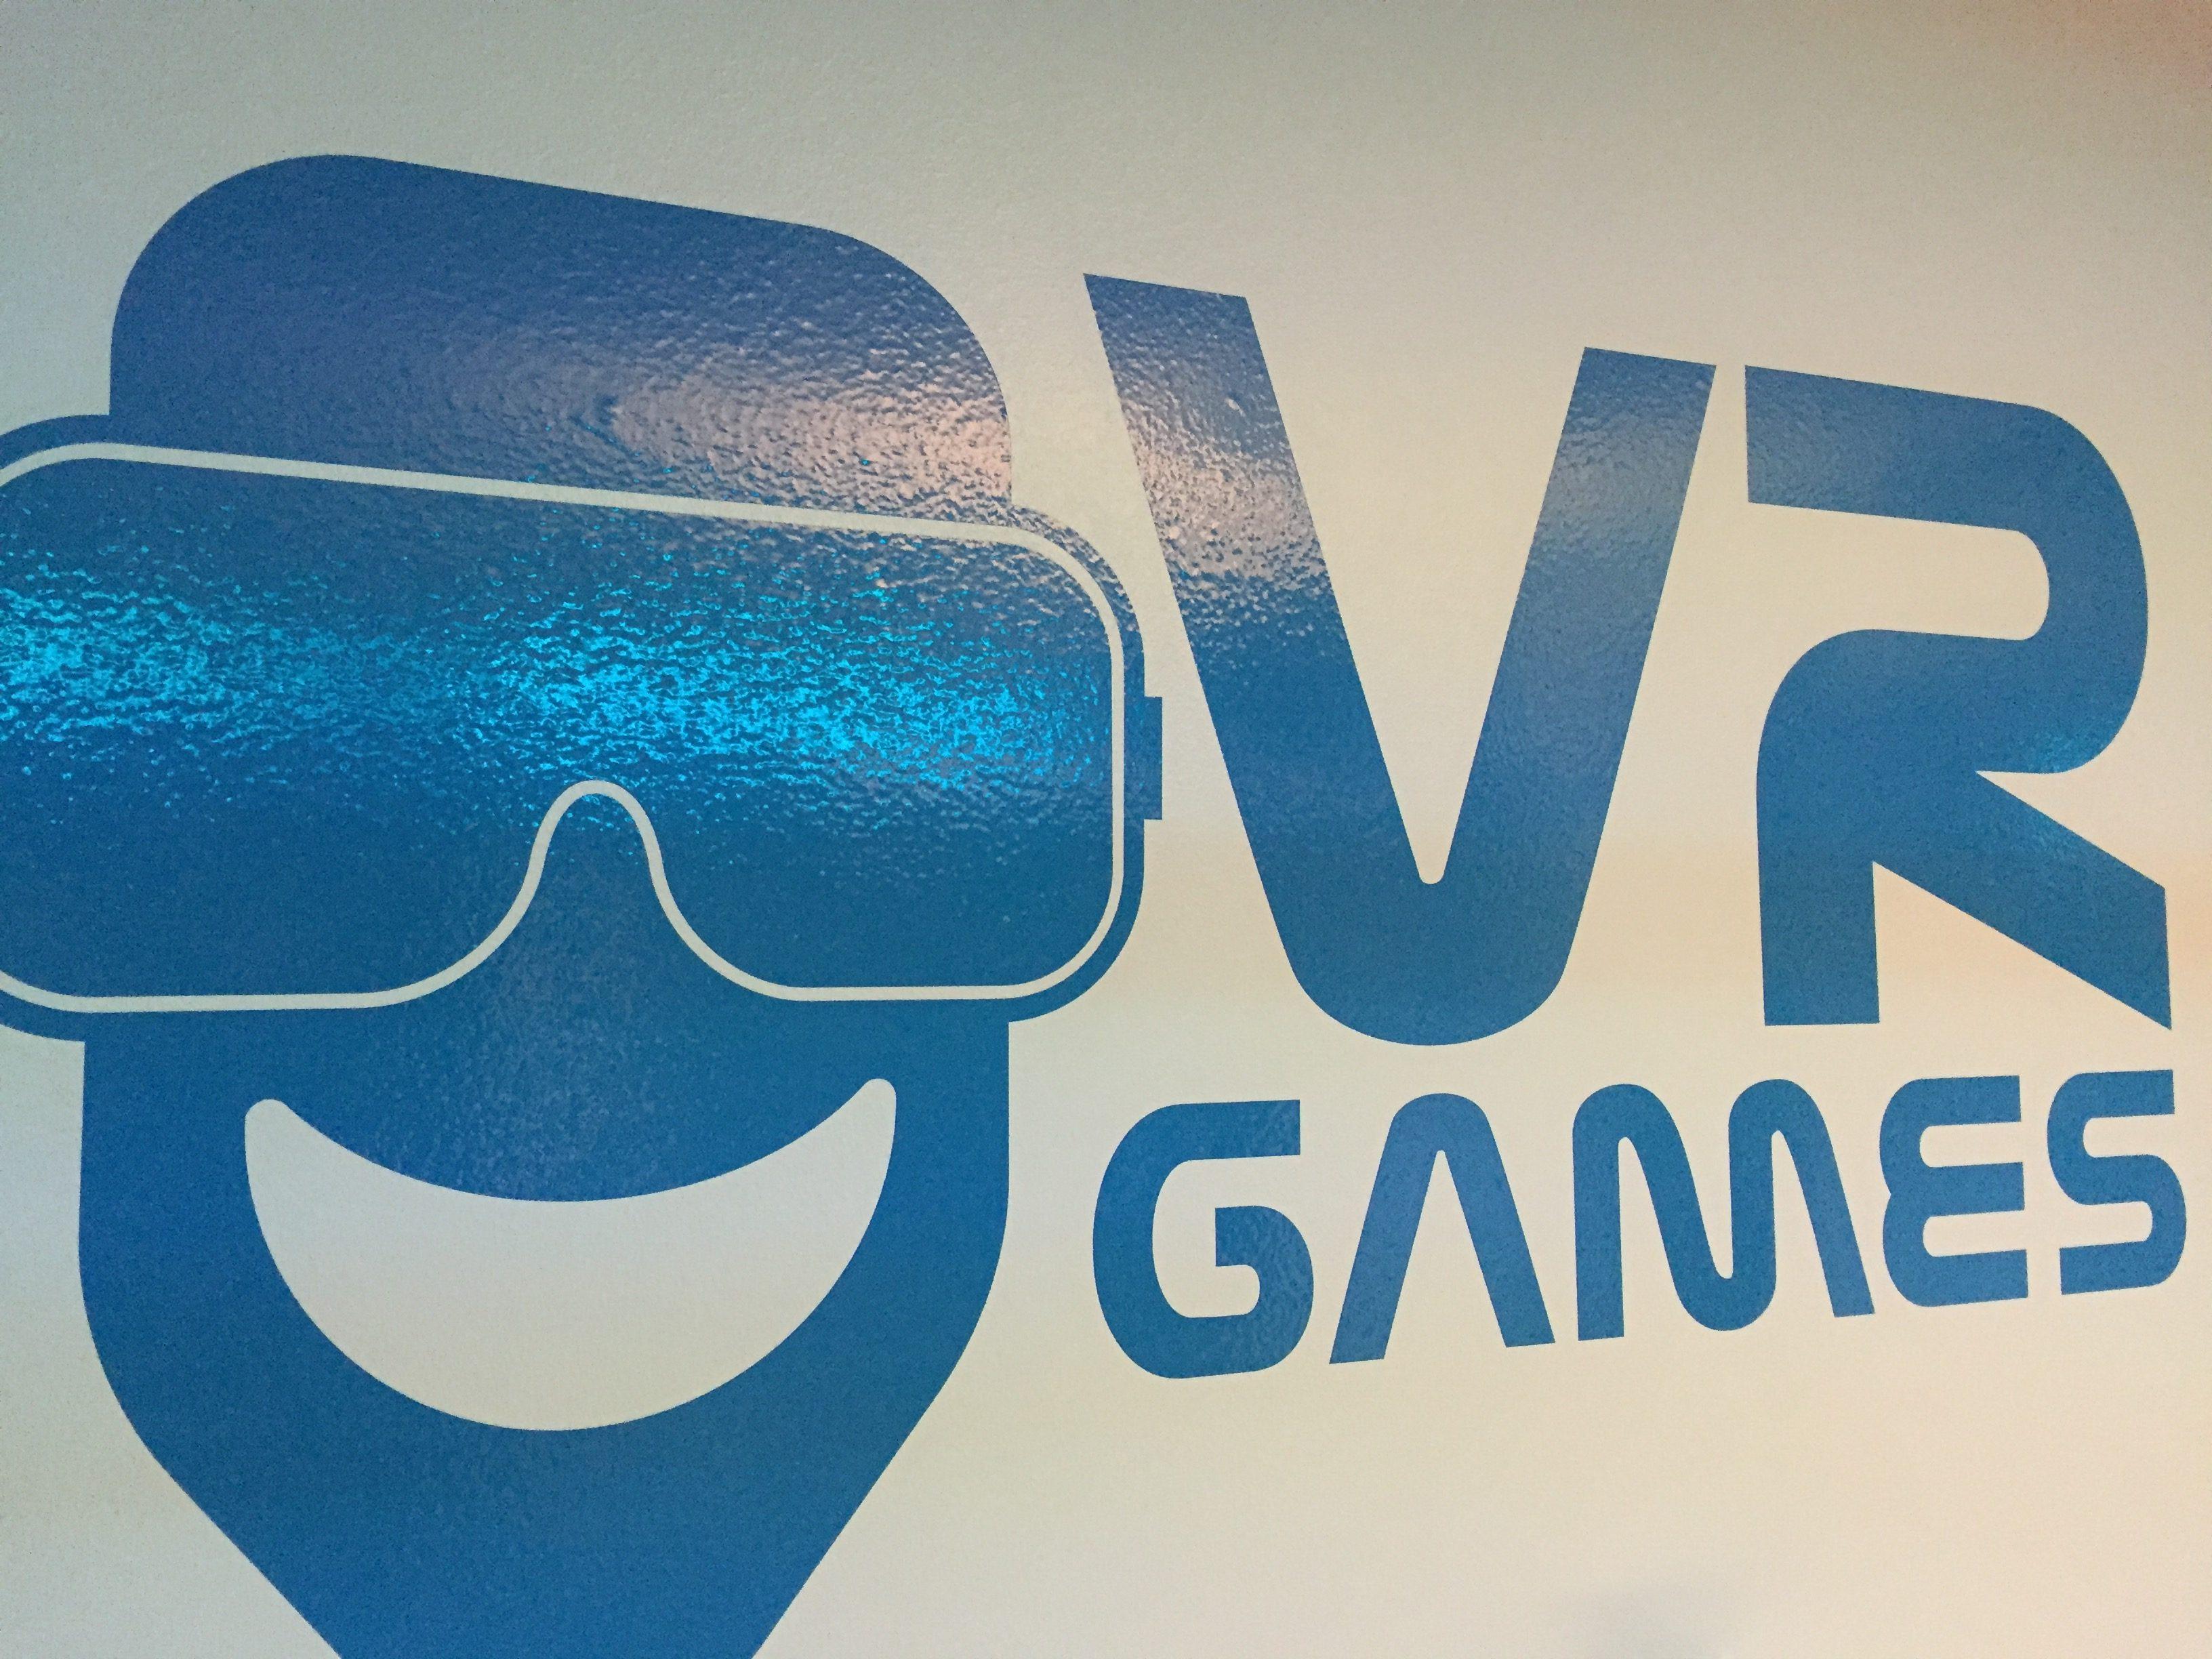 iTAVISEN tok turen til VR Games i Oslo.